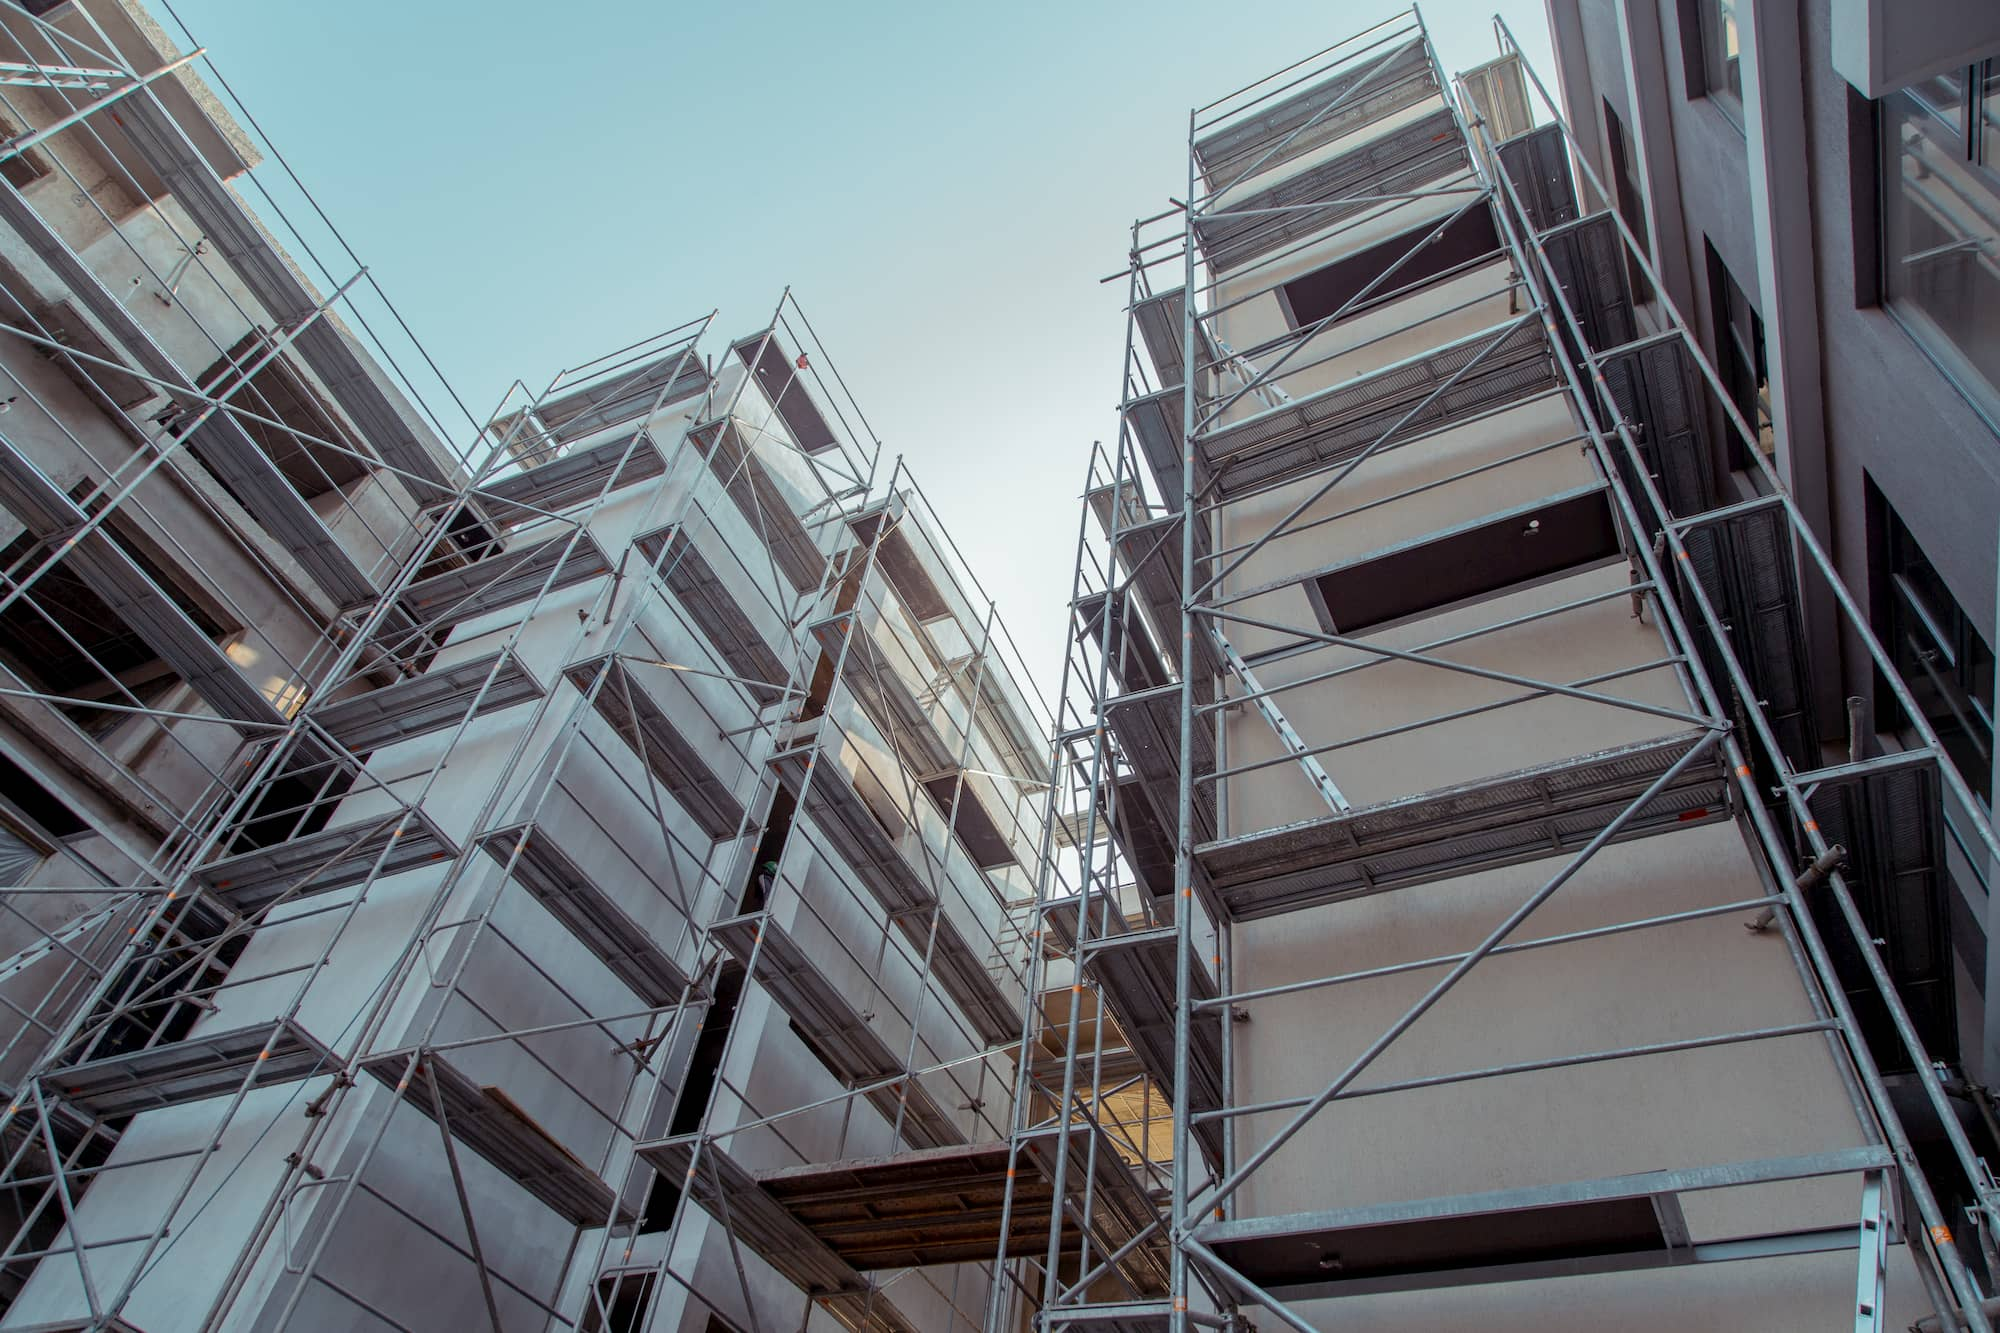 FIBC Dreux - Fourniture industrielle d'atelier et de chantier pour le professionnel